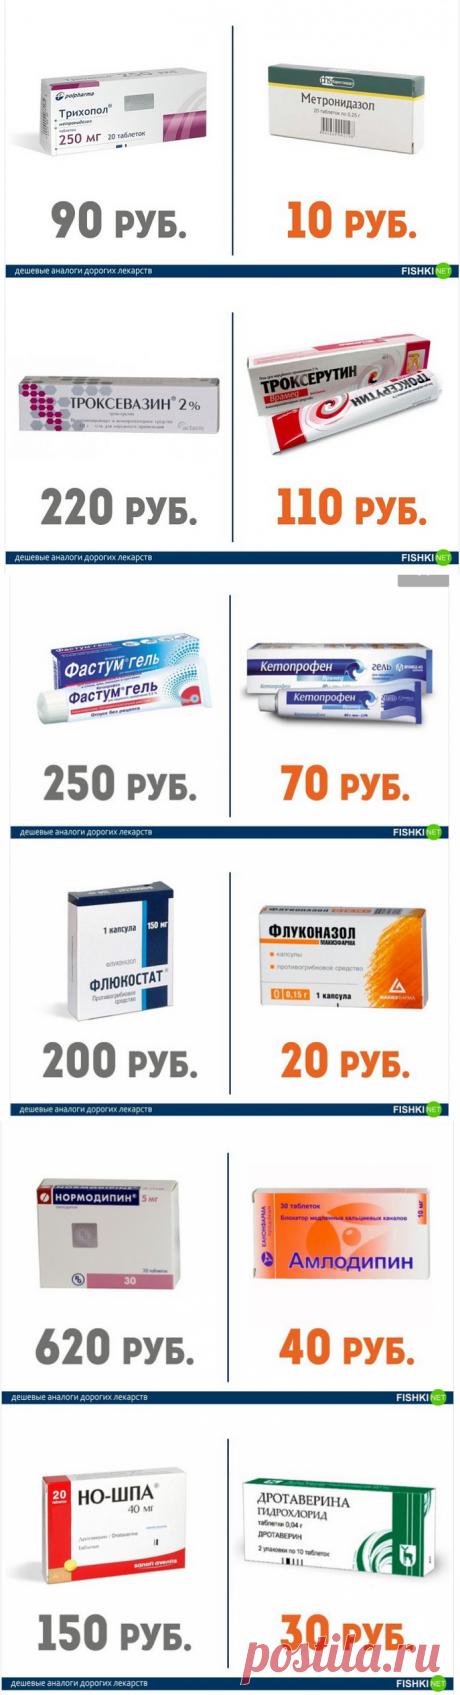 ПРЕПАРАТЫ - АНАЛОГИ !!!  **Дорогие 116 лекарств - и их более дешевые аналоги!